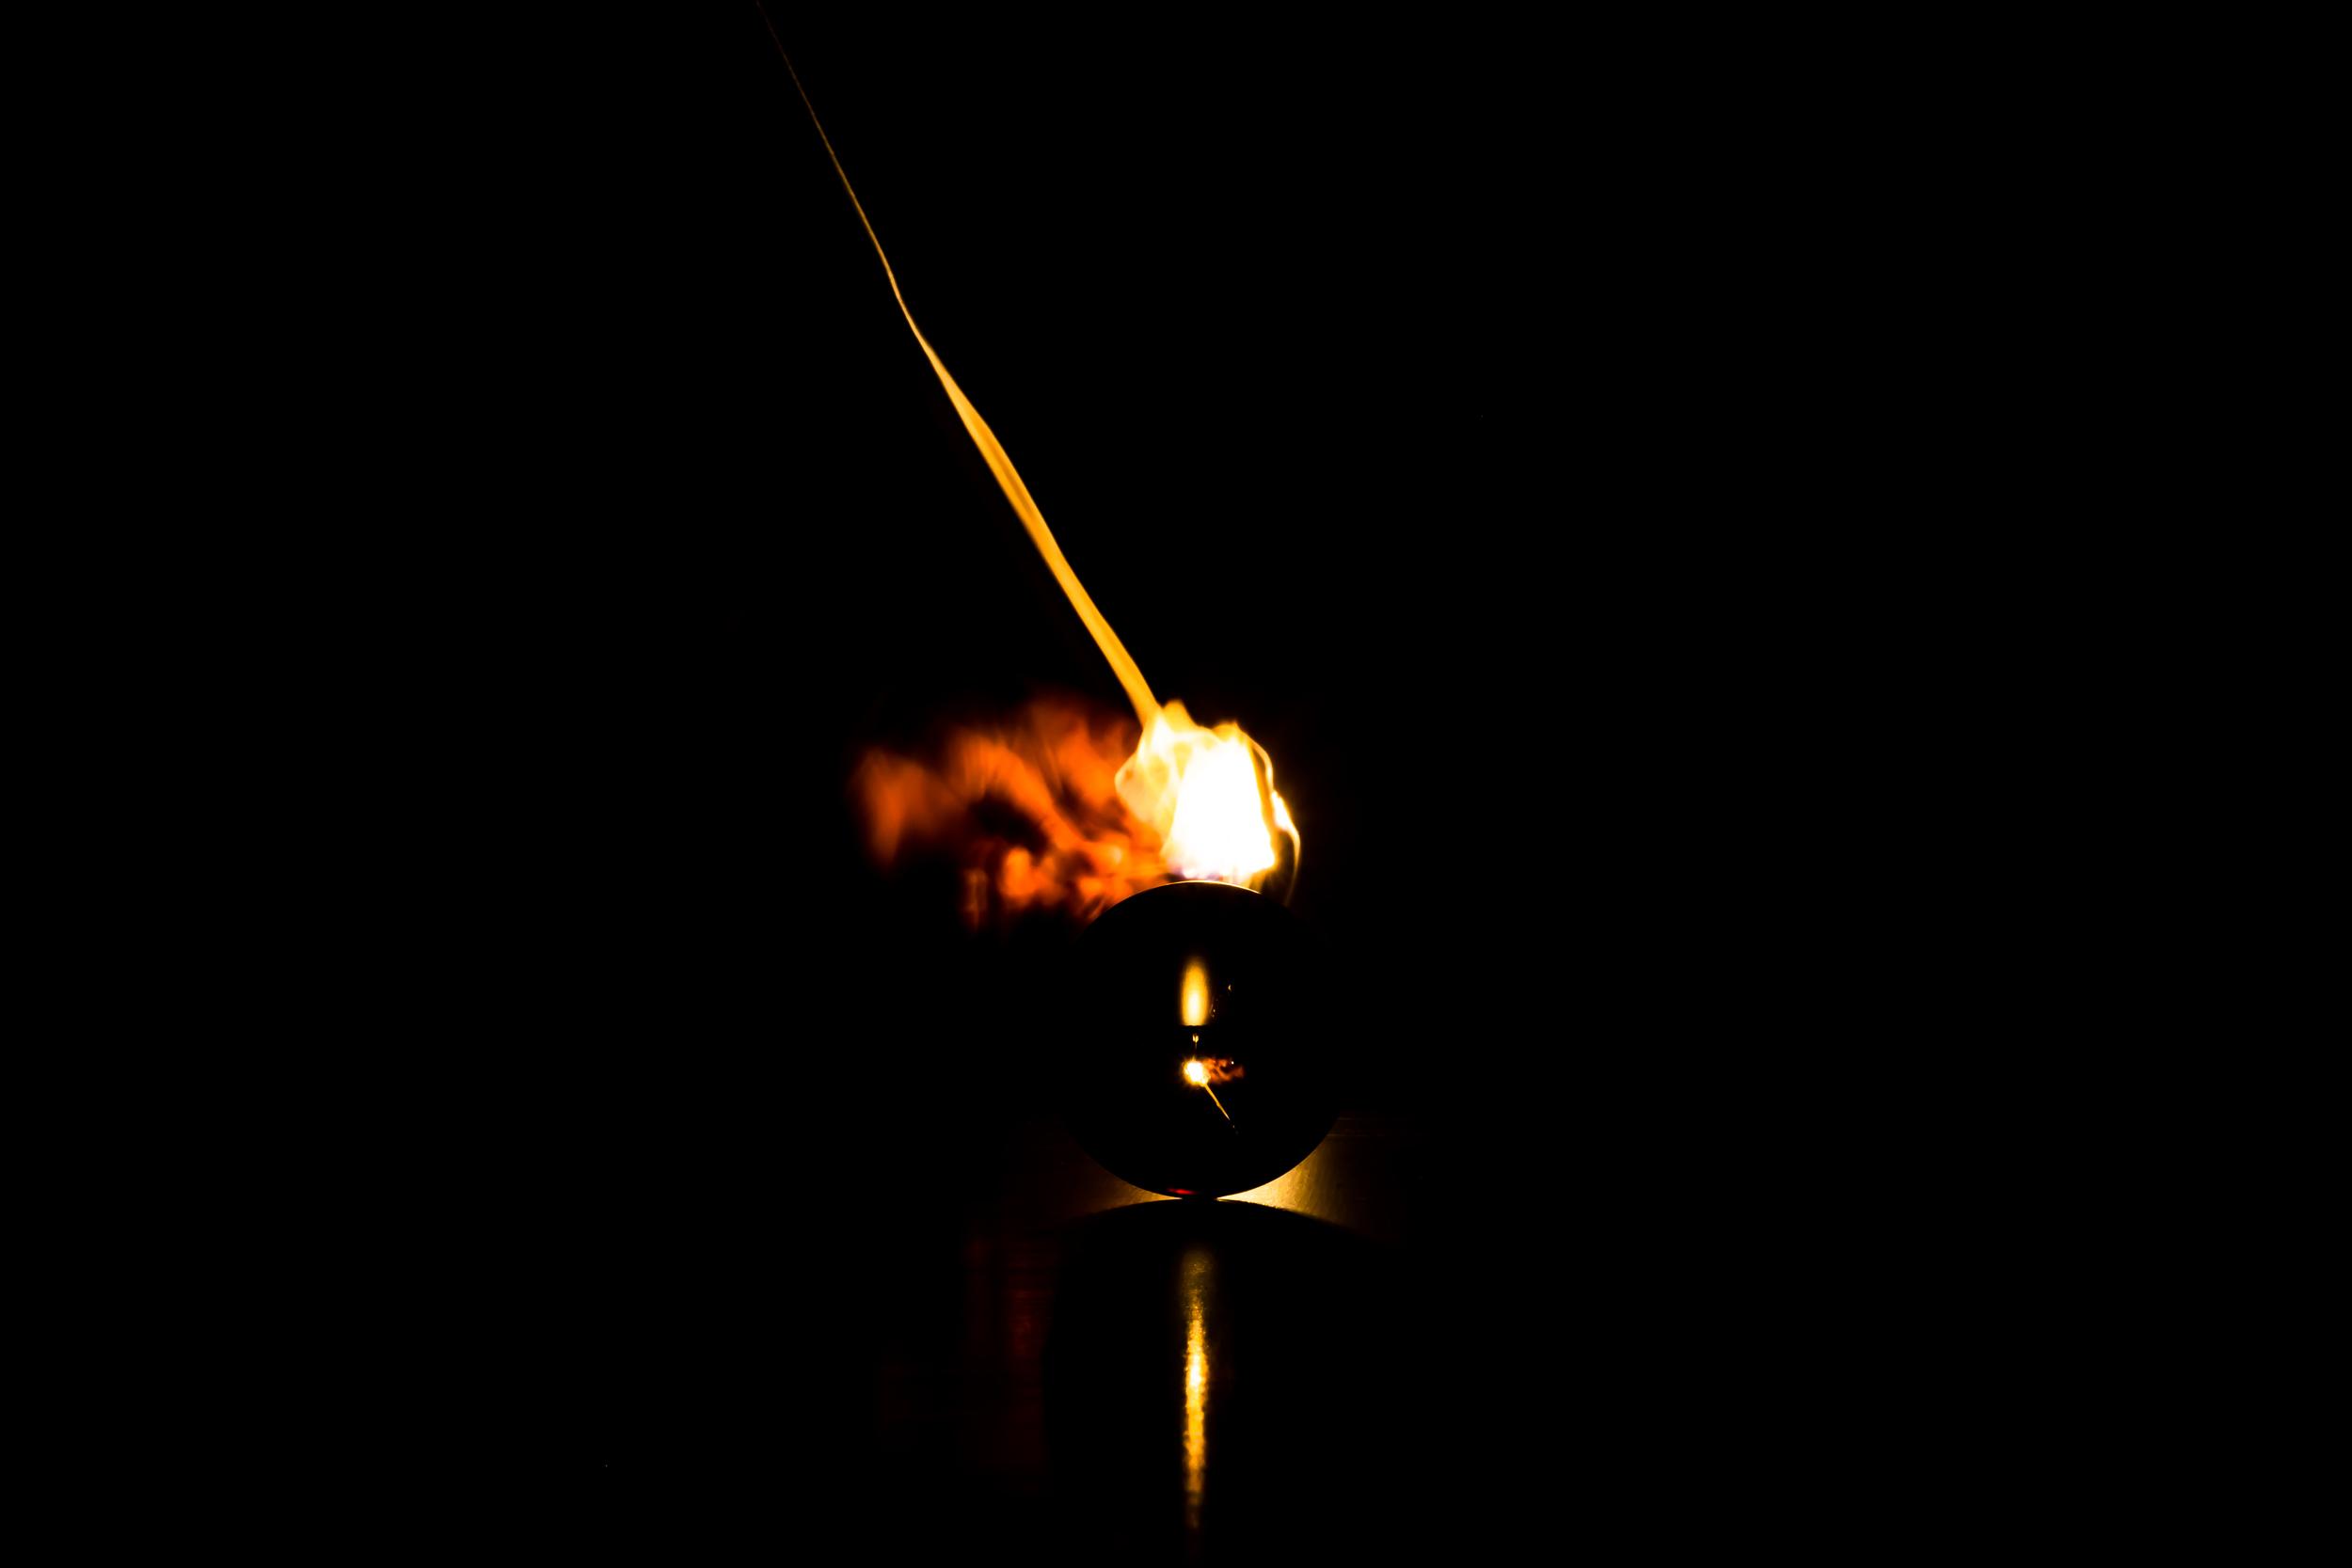 Viewfinder-spel-vuur-kristallen-bol-geheimzinnig-eigenzinnigie-fotografie-lucifer-stokje